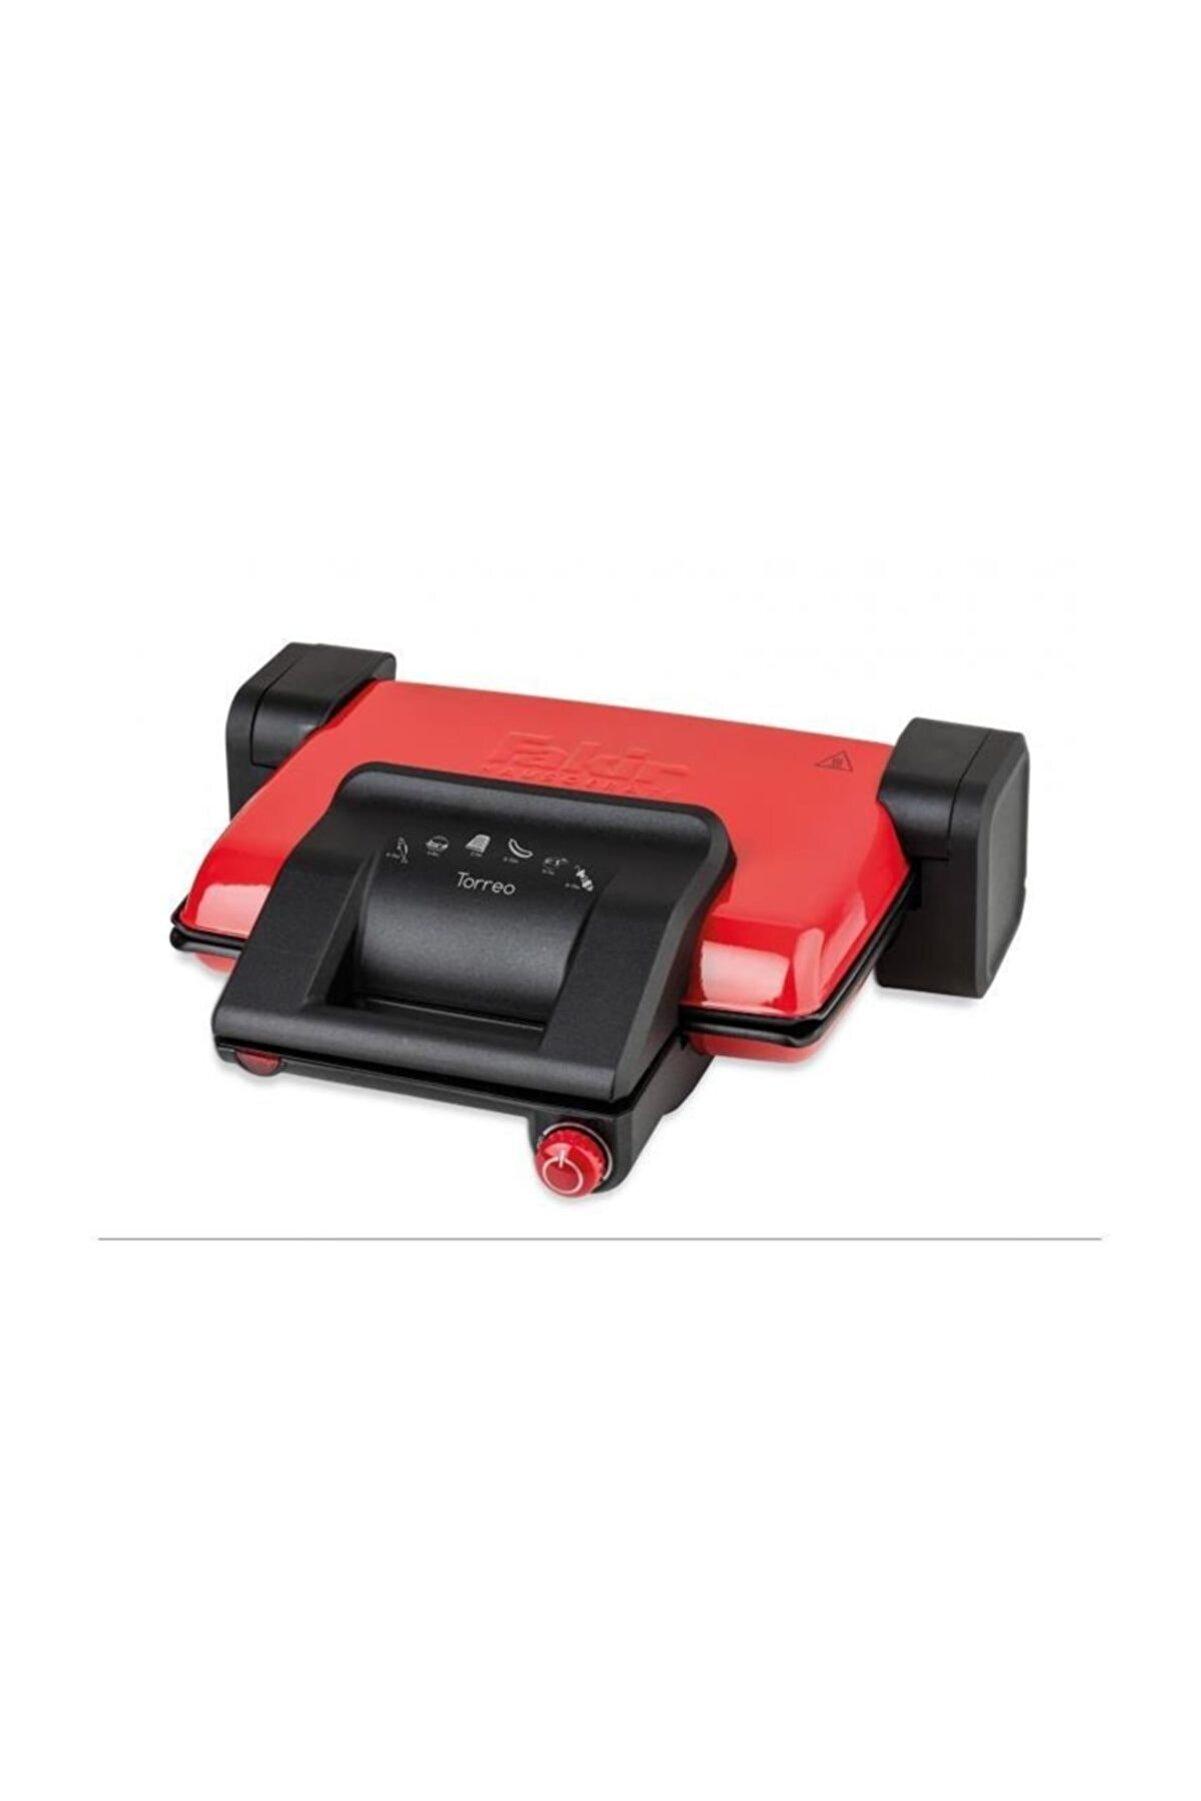 Fakir Torreo Izgara Ve Tost Makinesi Kırmızı